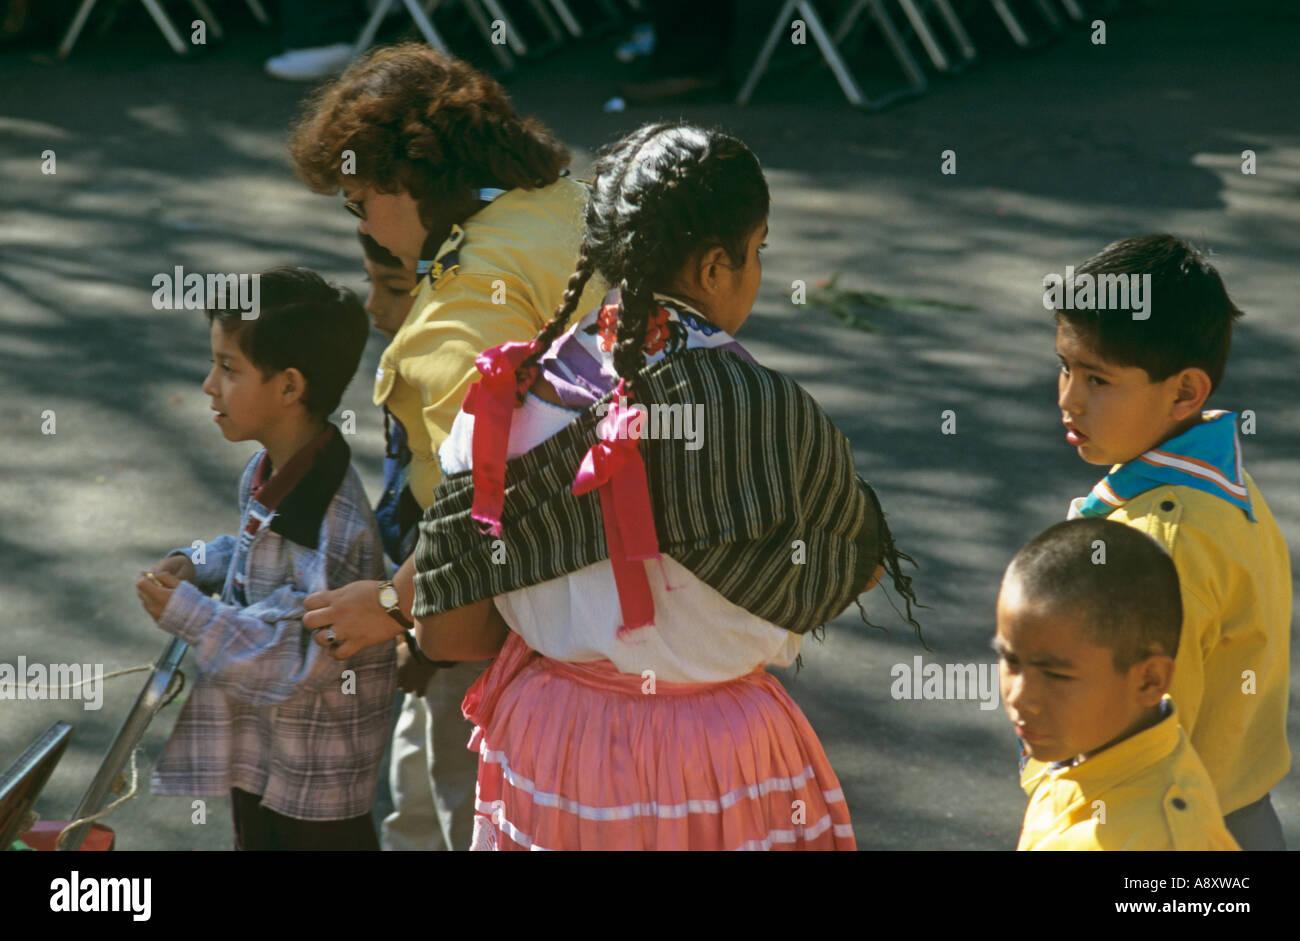 Una miscela di culture e stili in Oaxaca Messico Immagini Stock